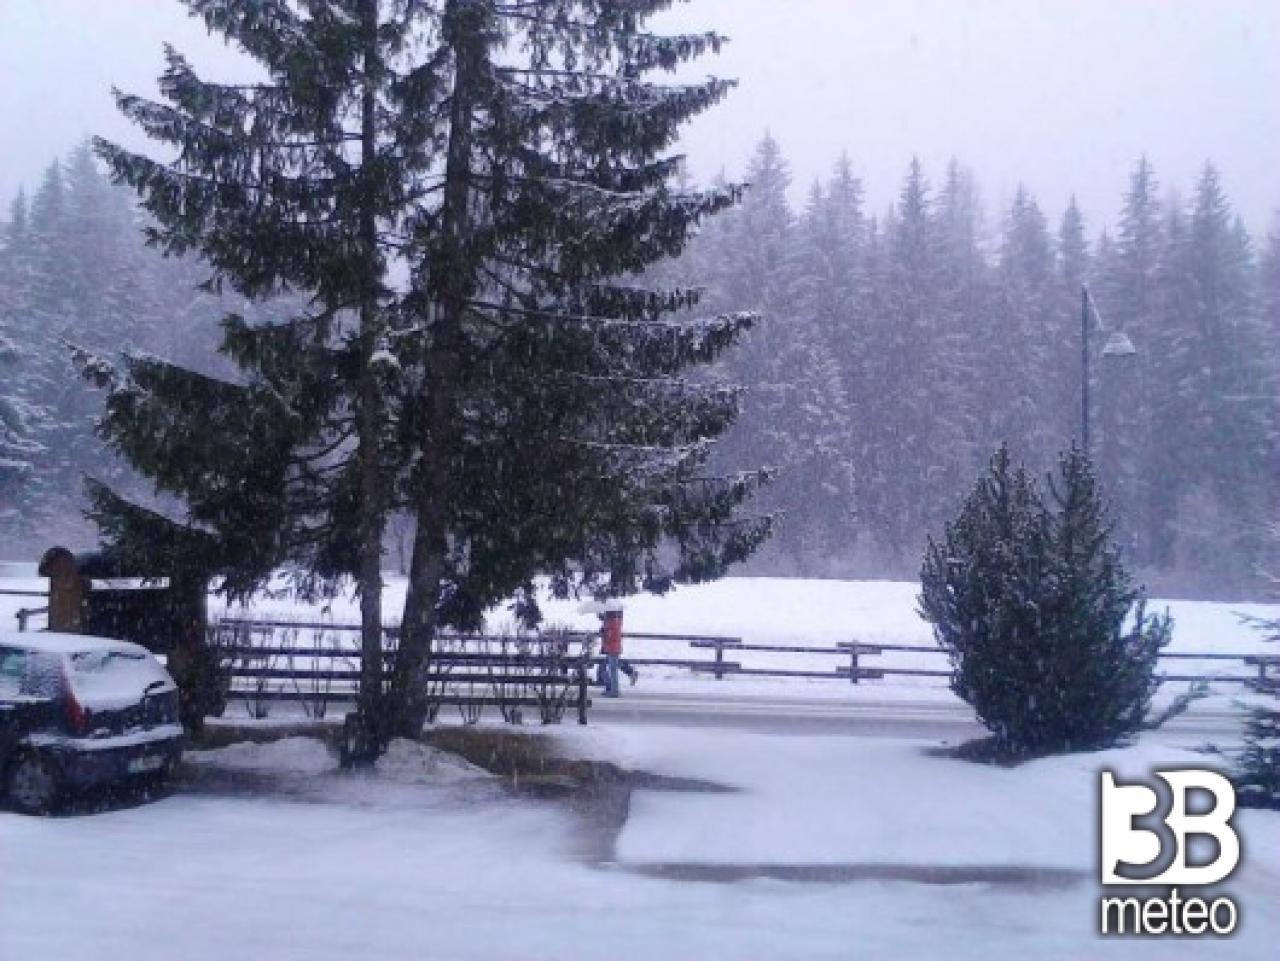 Canazei 2 giorni di neve foto gallery 3b meteo - Meteo bagno di romagna 15 giorni ...